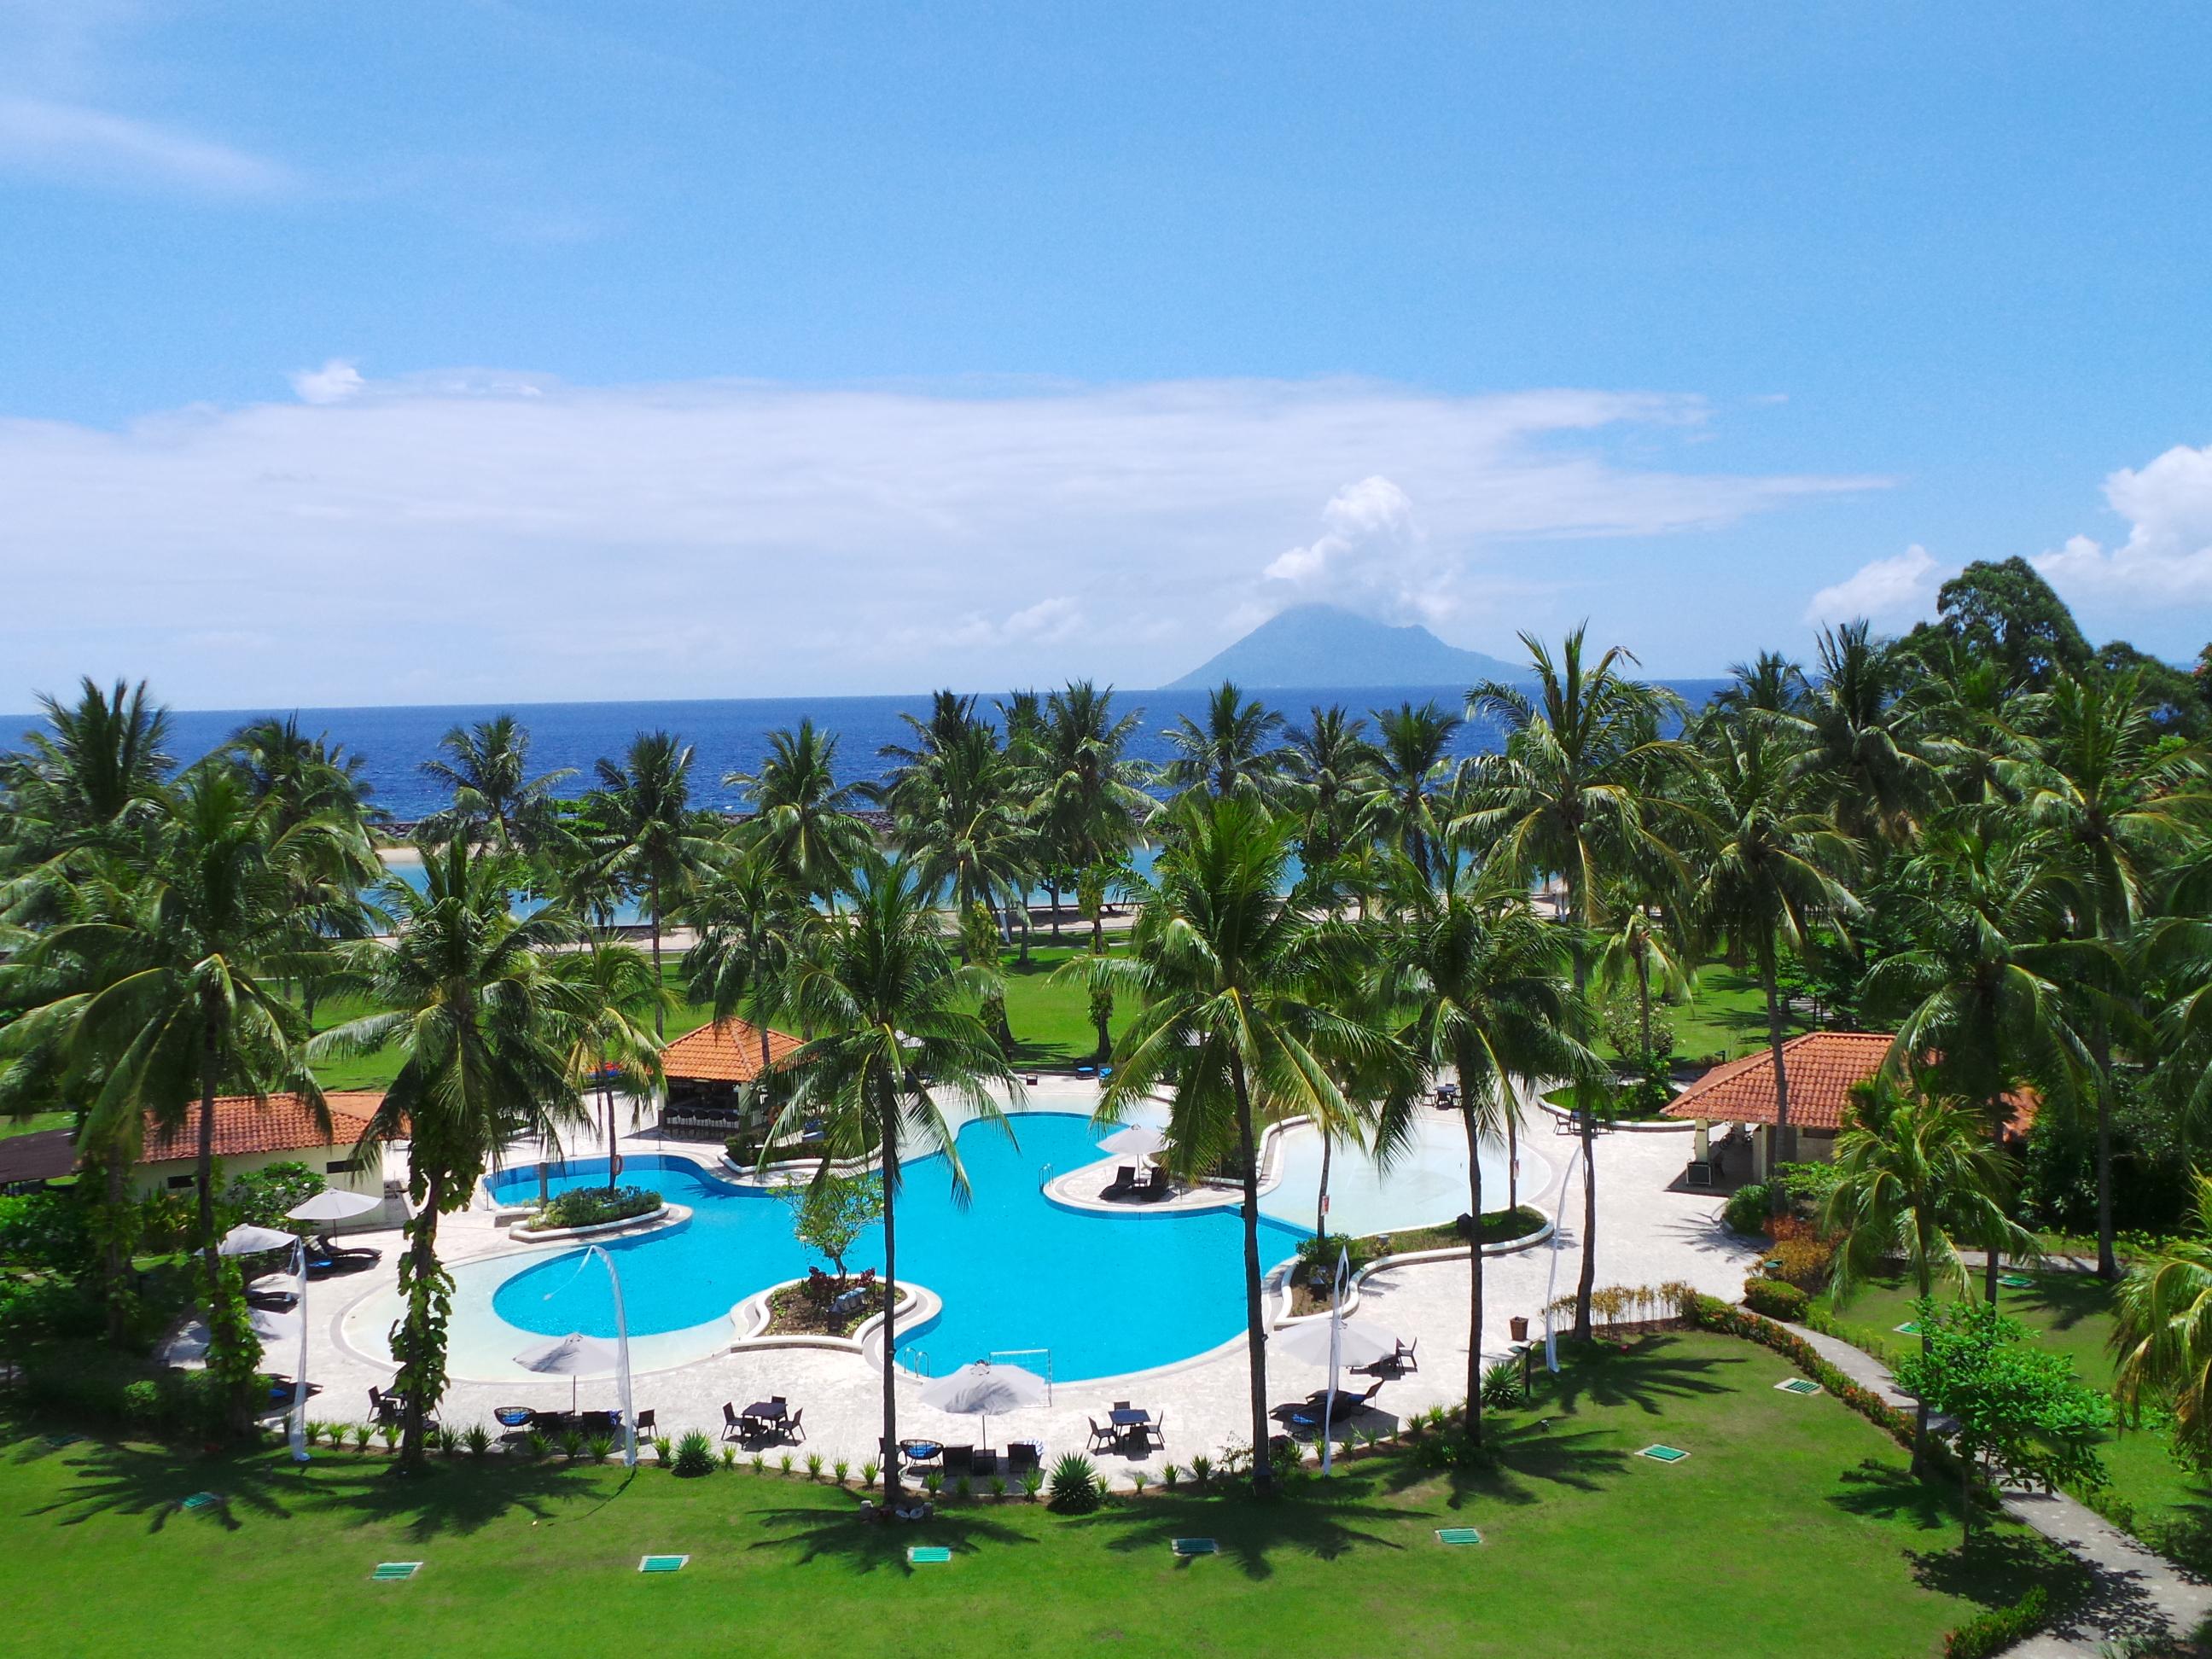 [Adv] Manado, destinasi liburan yang menyenangkan!